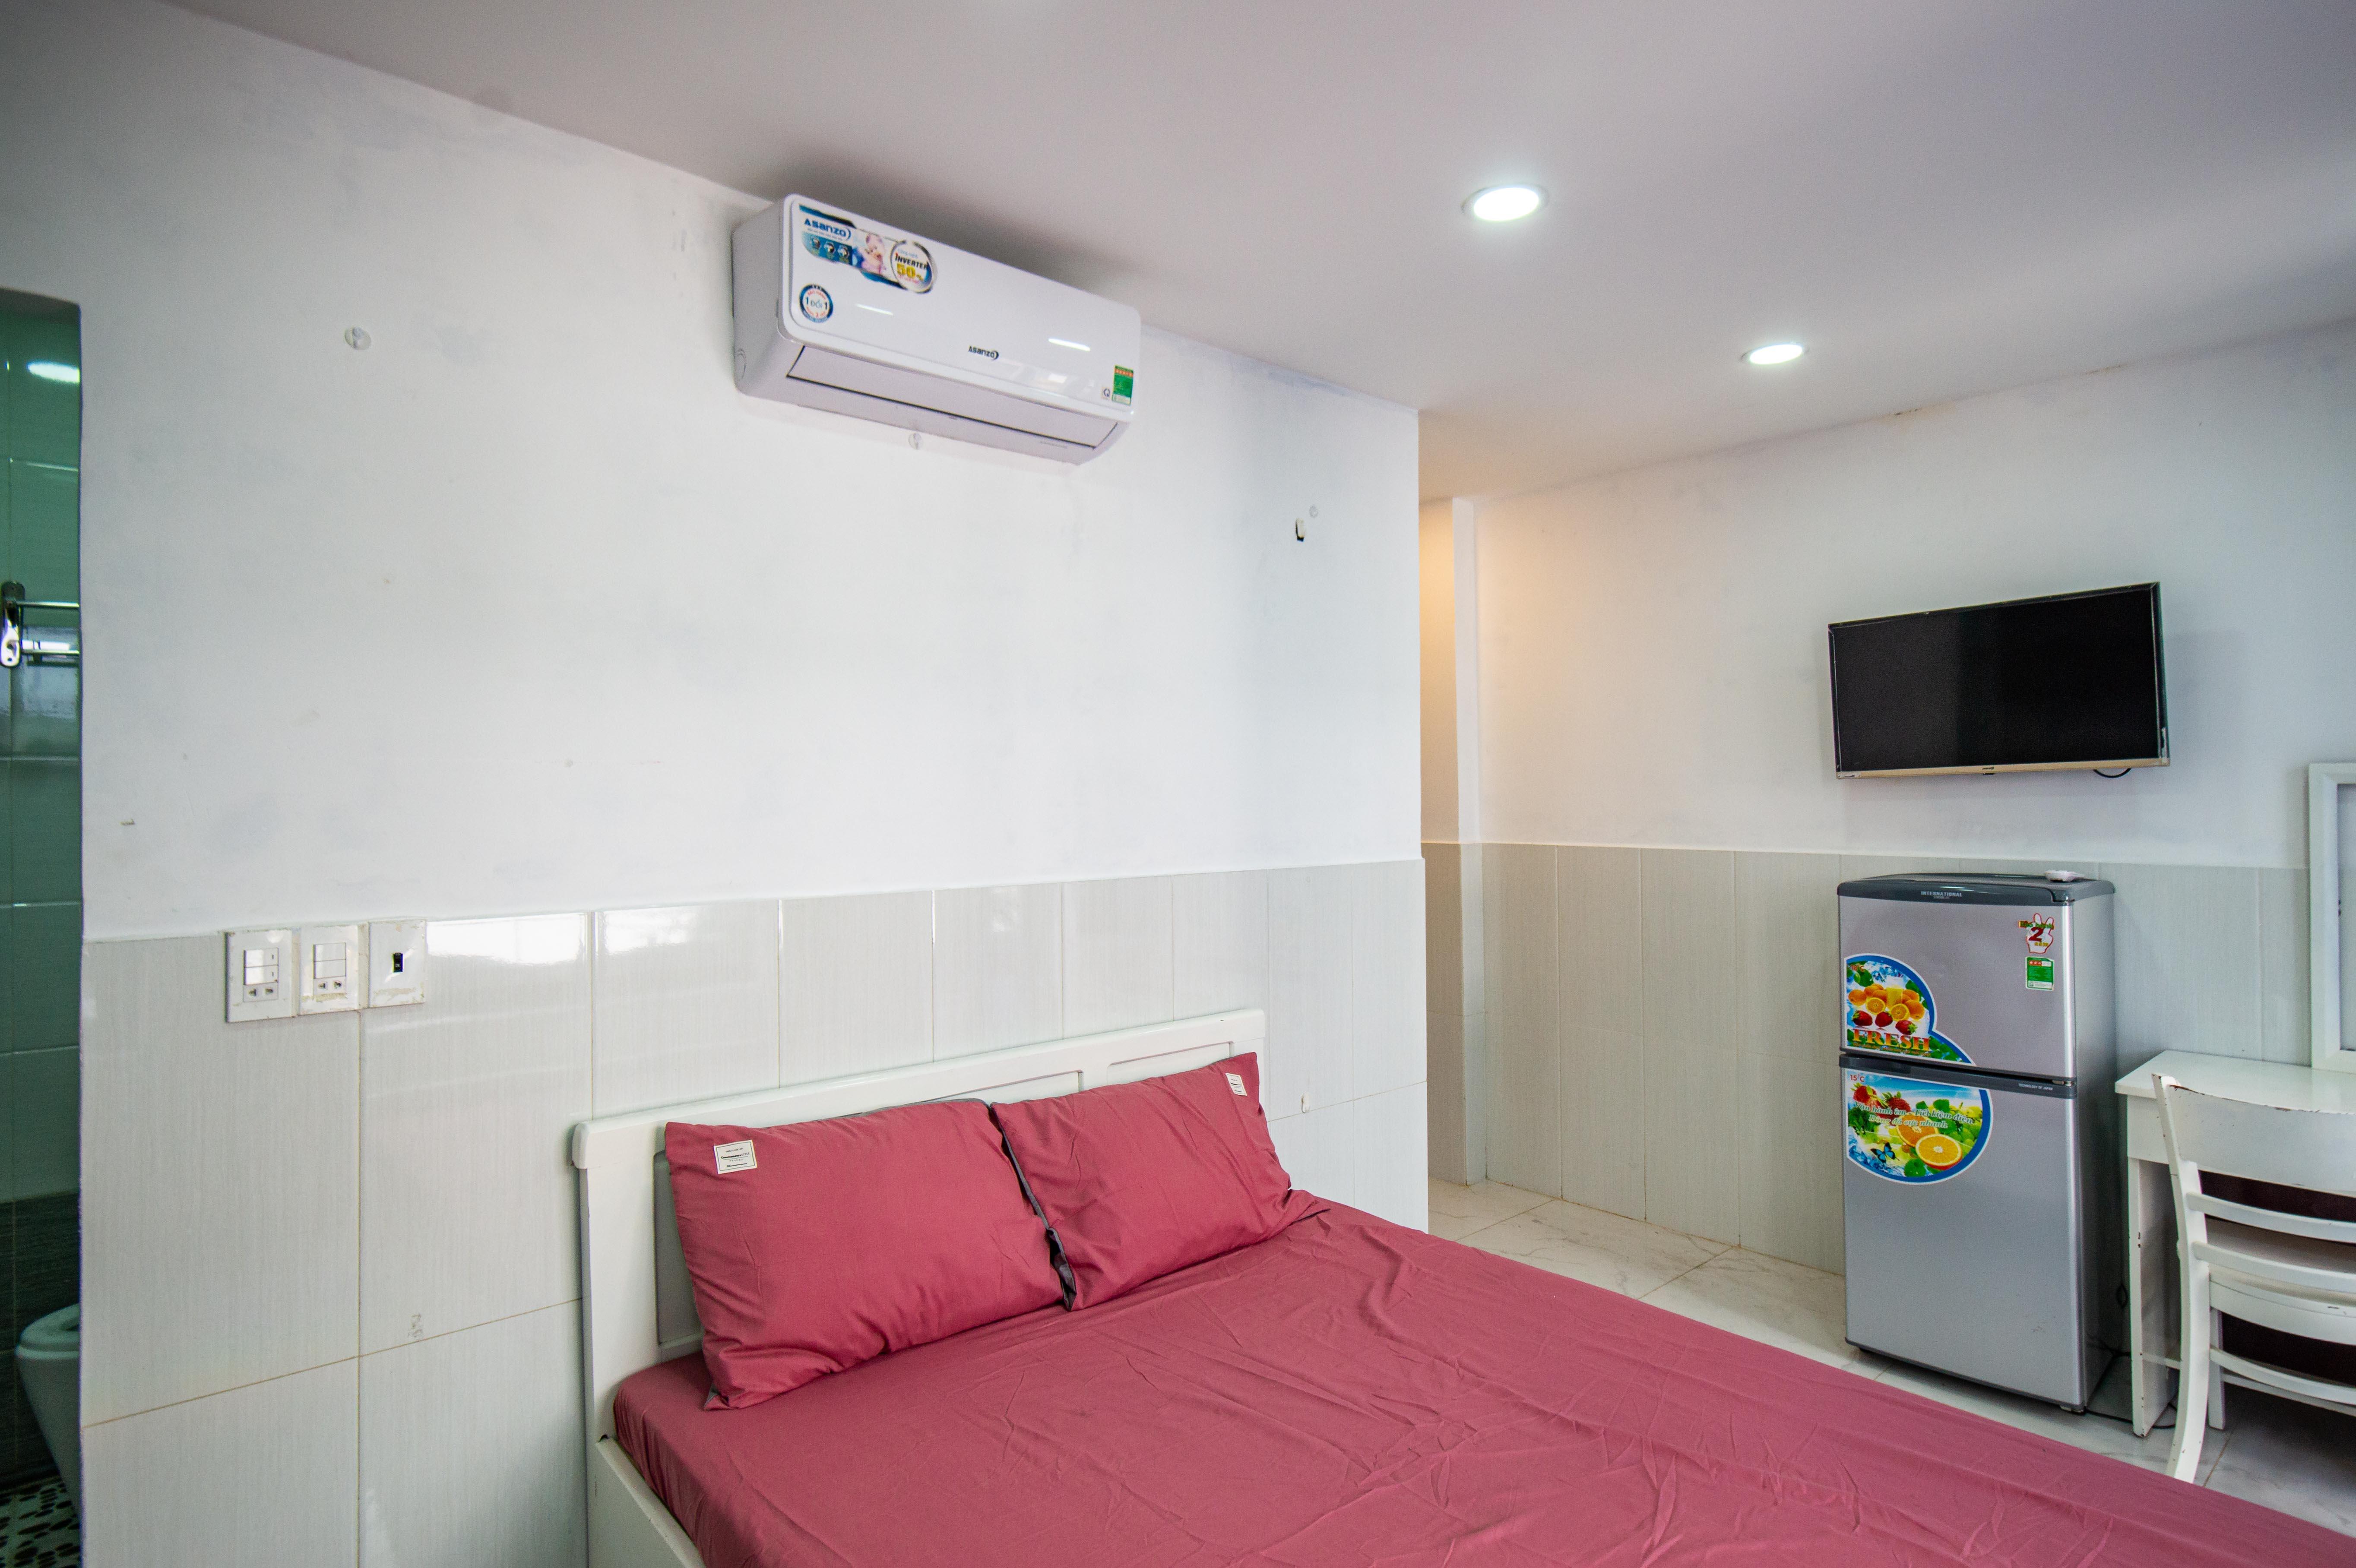 Cho Thuê Căn hộ 1 PN Trần Văn Đang Apartment - Ban Công Rộng Rãi -4